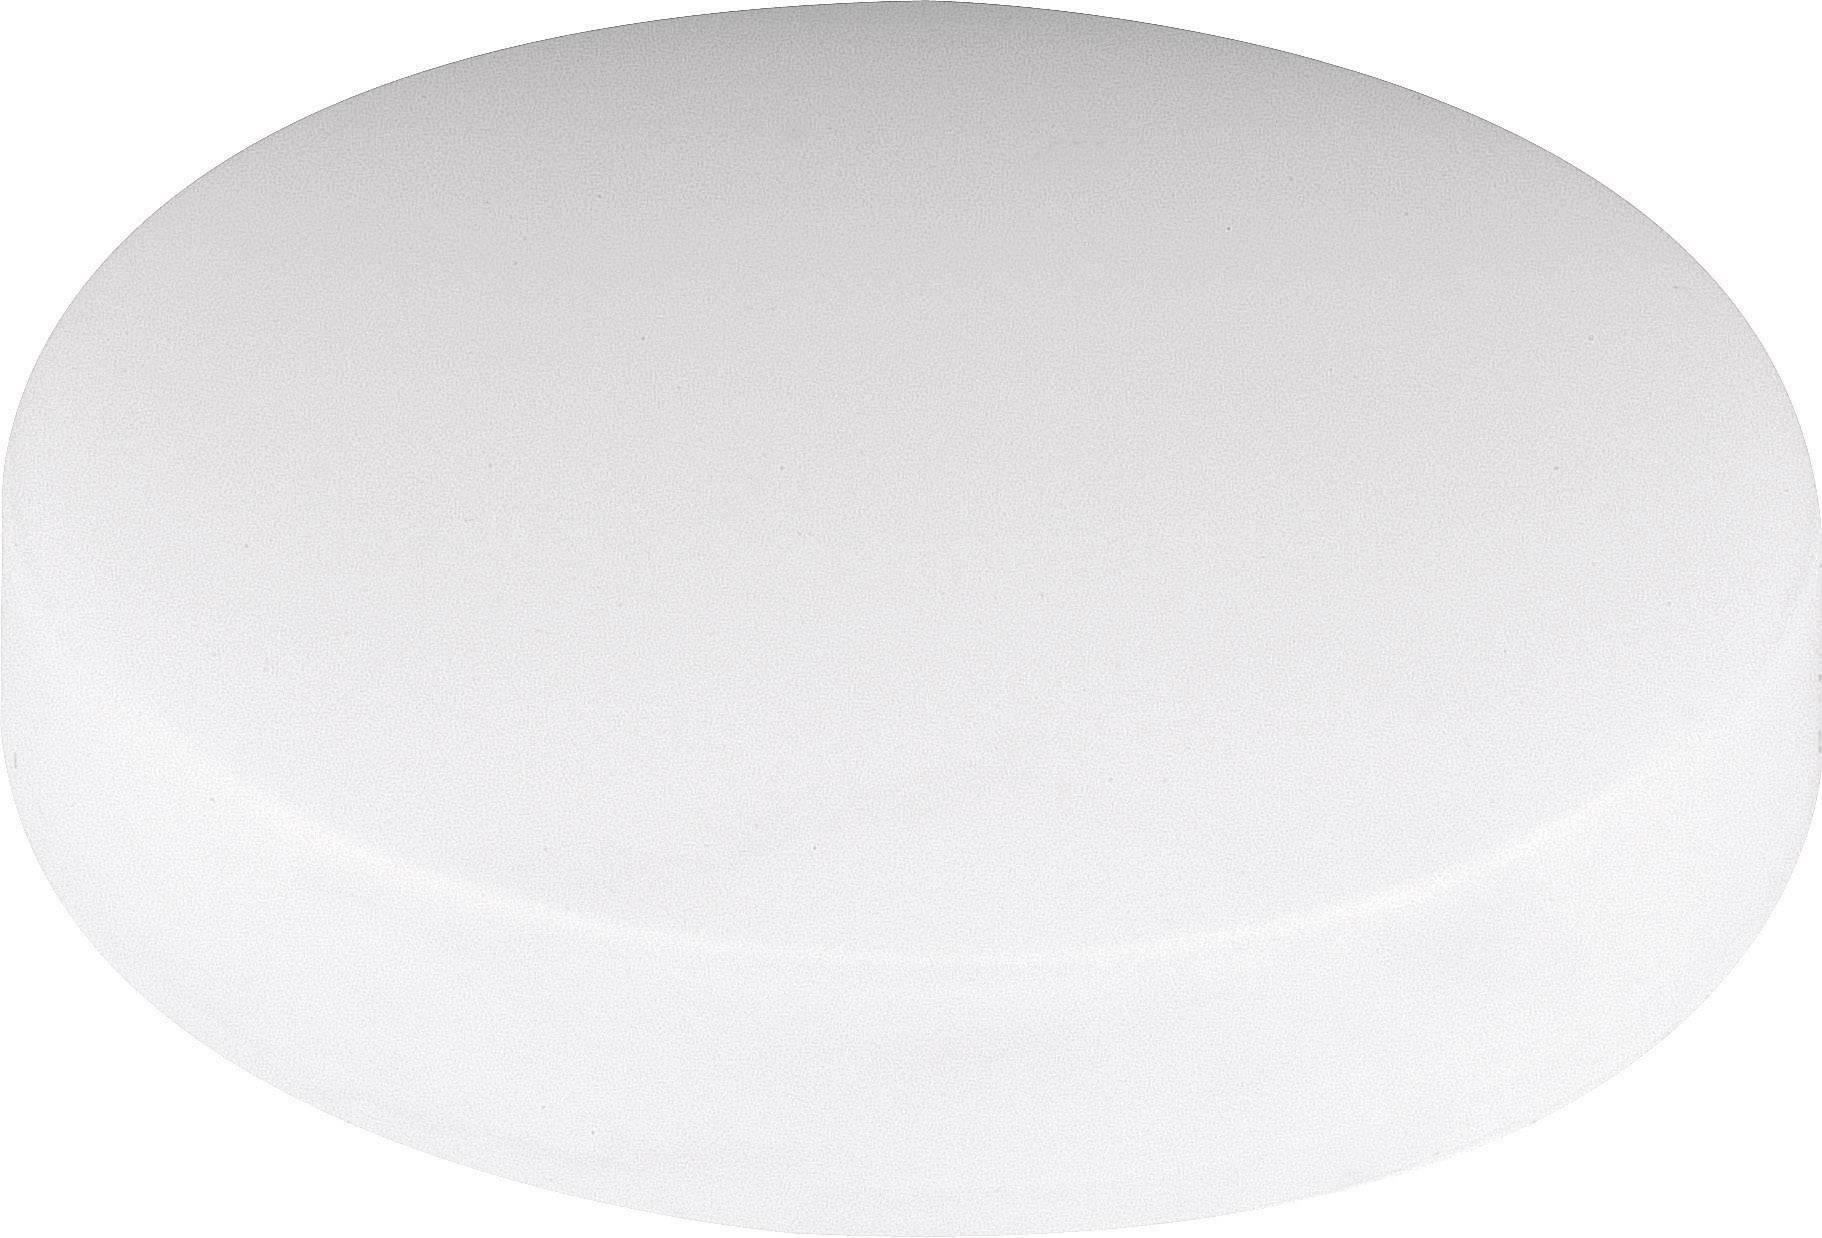 Svetelný poklop Mentor 2510.0700, žltá, vhodný pre reflektor 40 mm